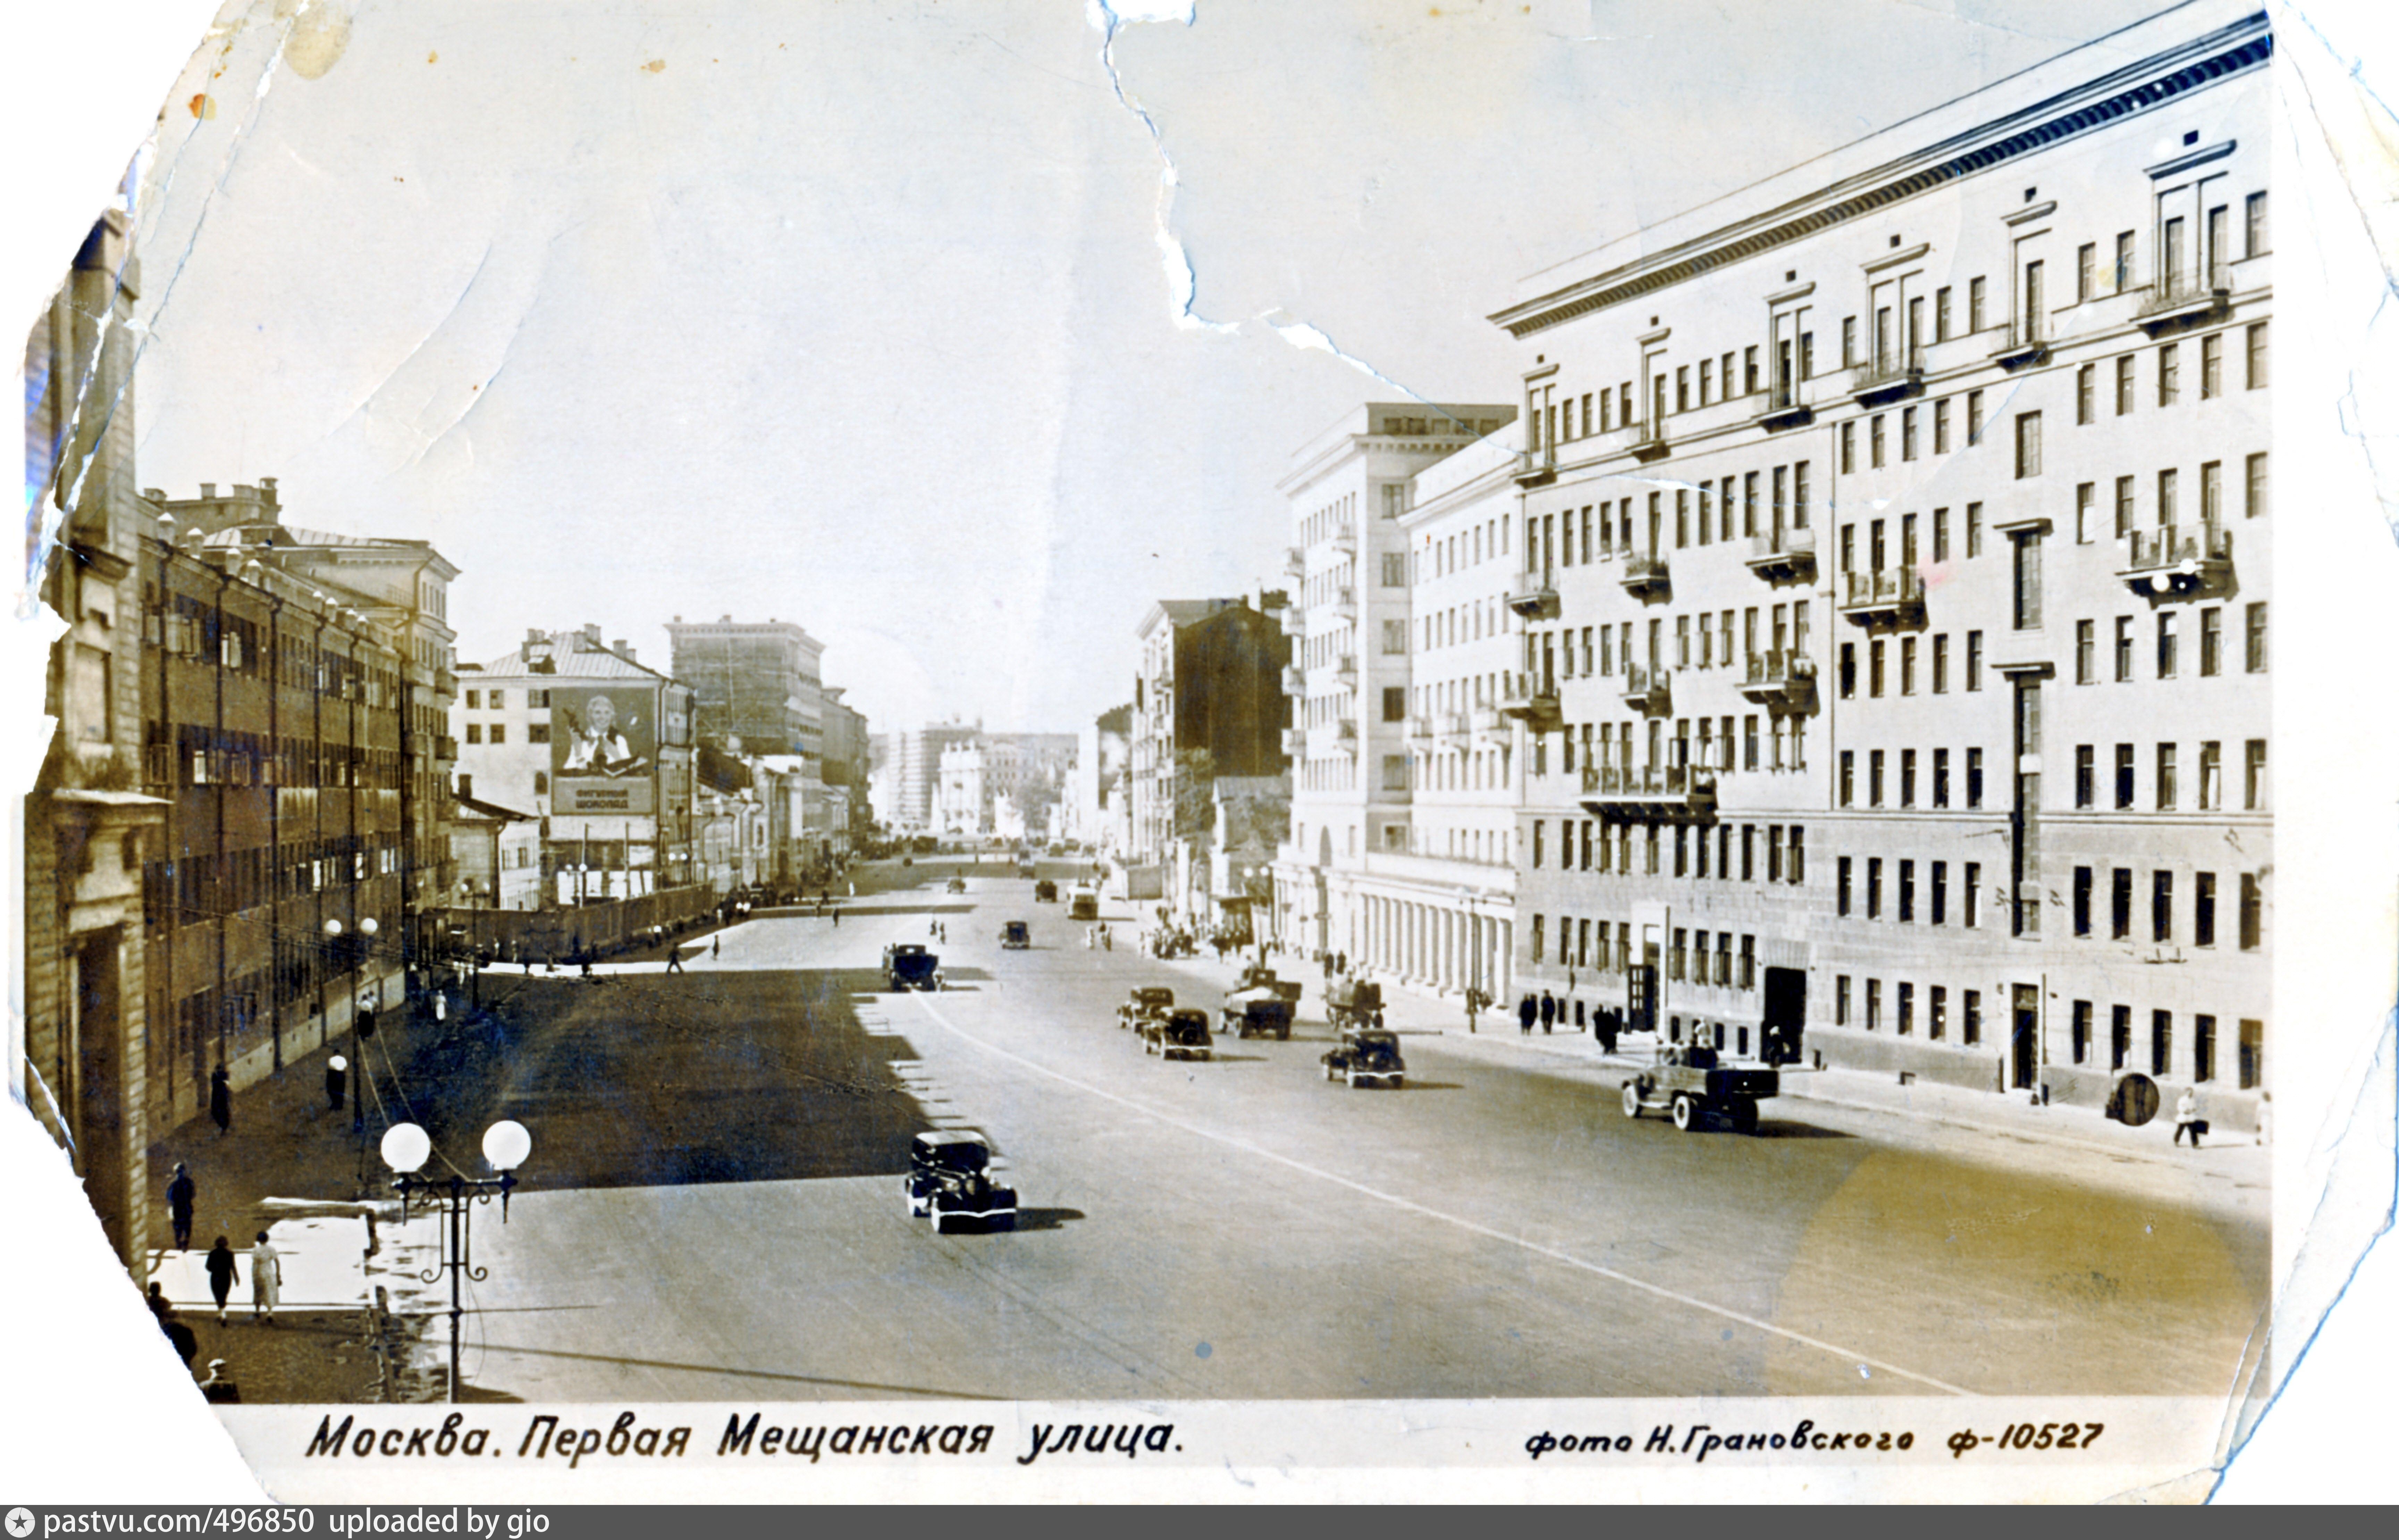 модно заменять фото первой мещанской улицы фотограф виктория свадьбы